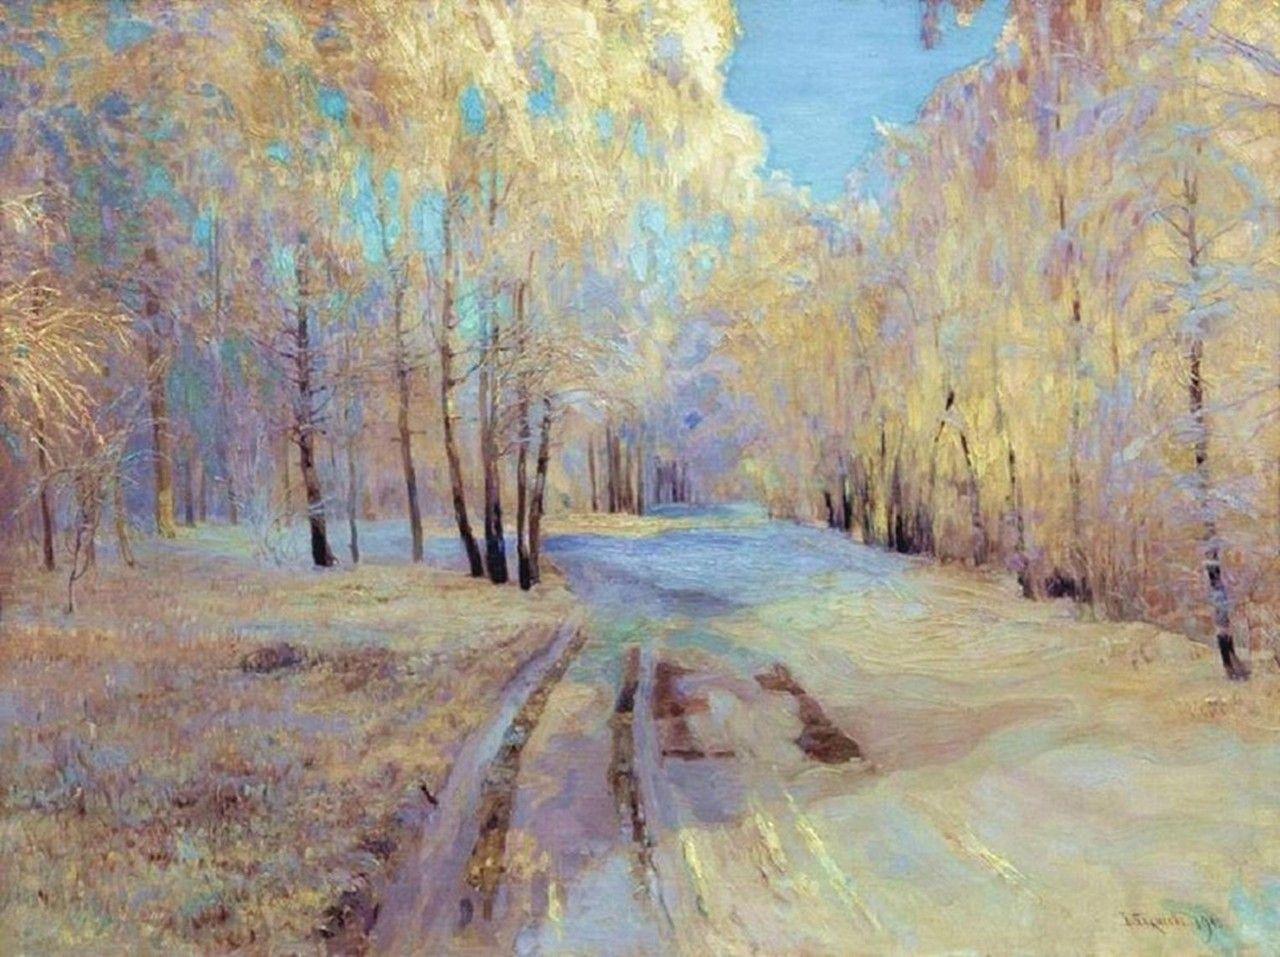 Vasily Baksheyev - An Icy Frost, 1900